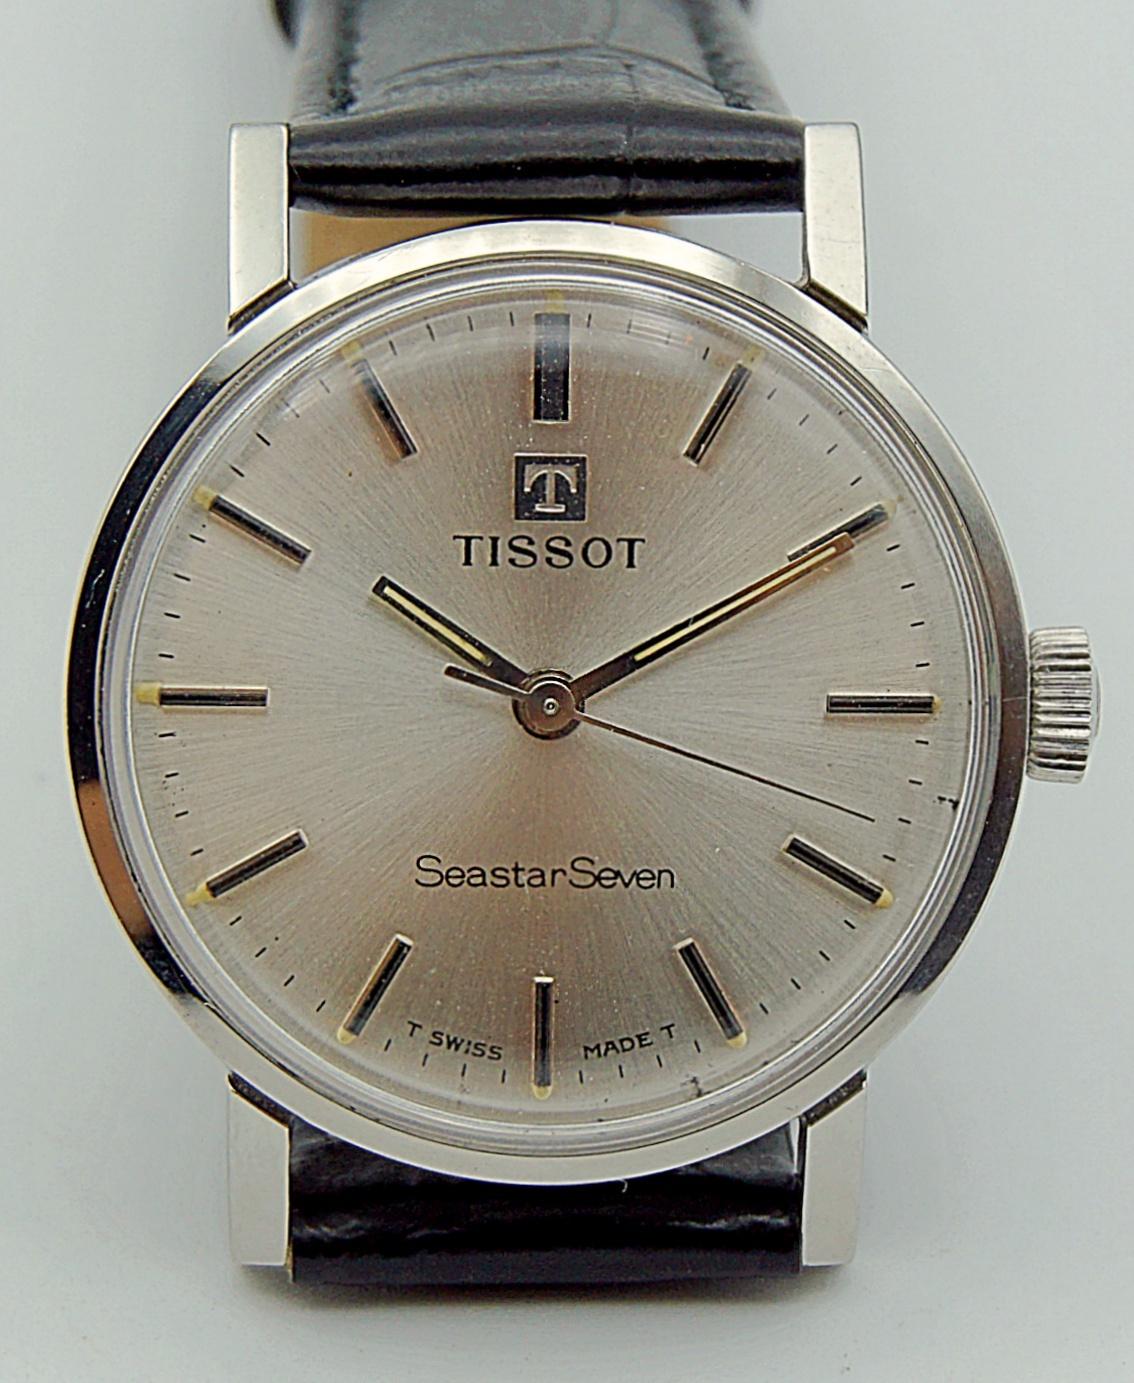 นาฬิกาเก่า TISSOT SEASTAR ไขลาน